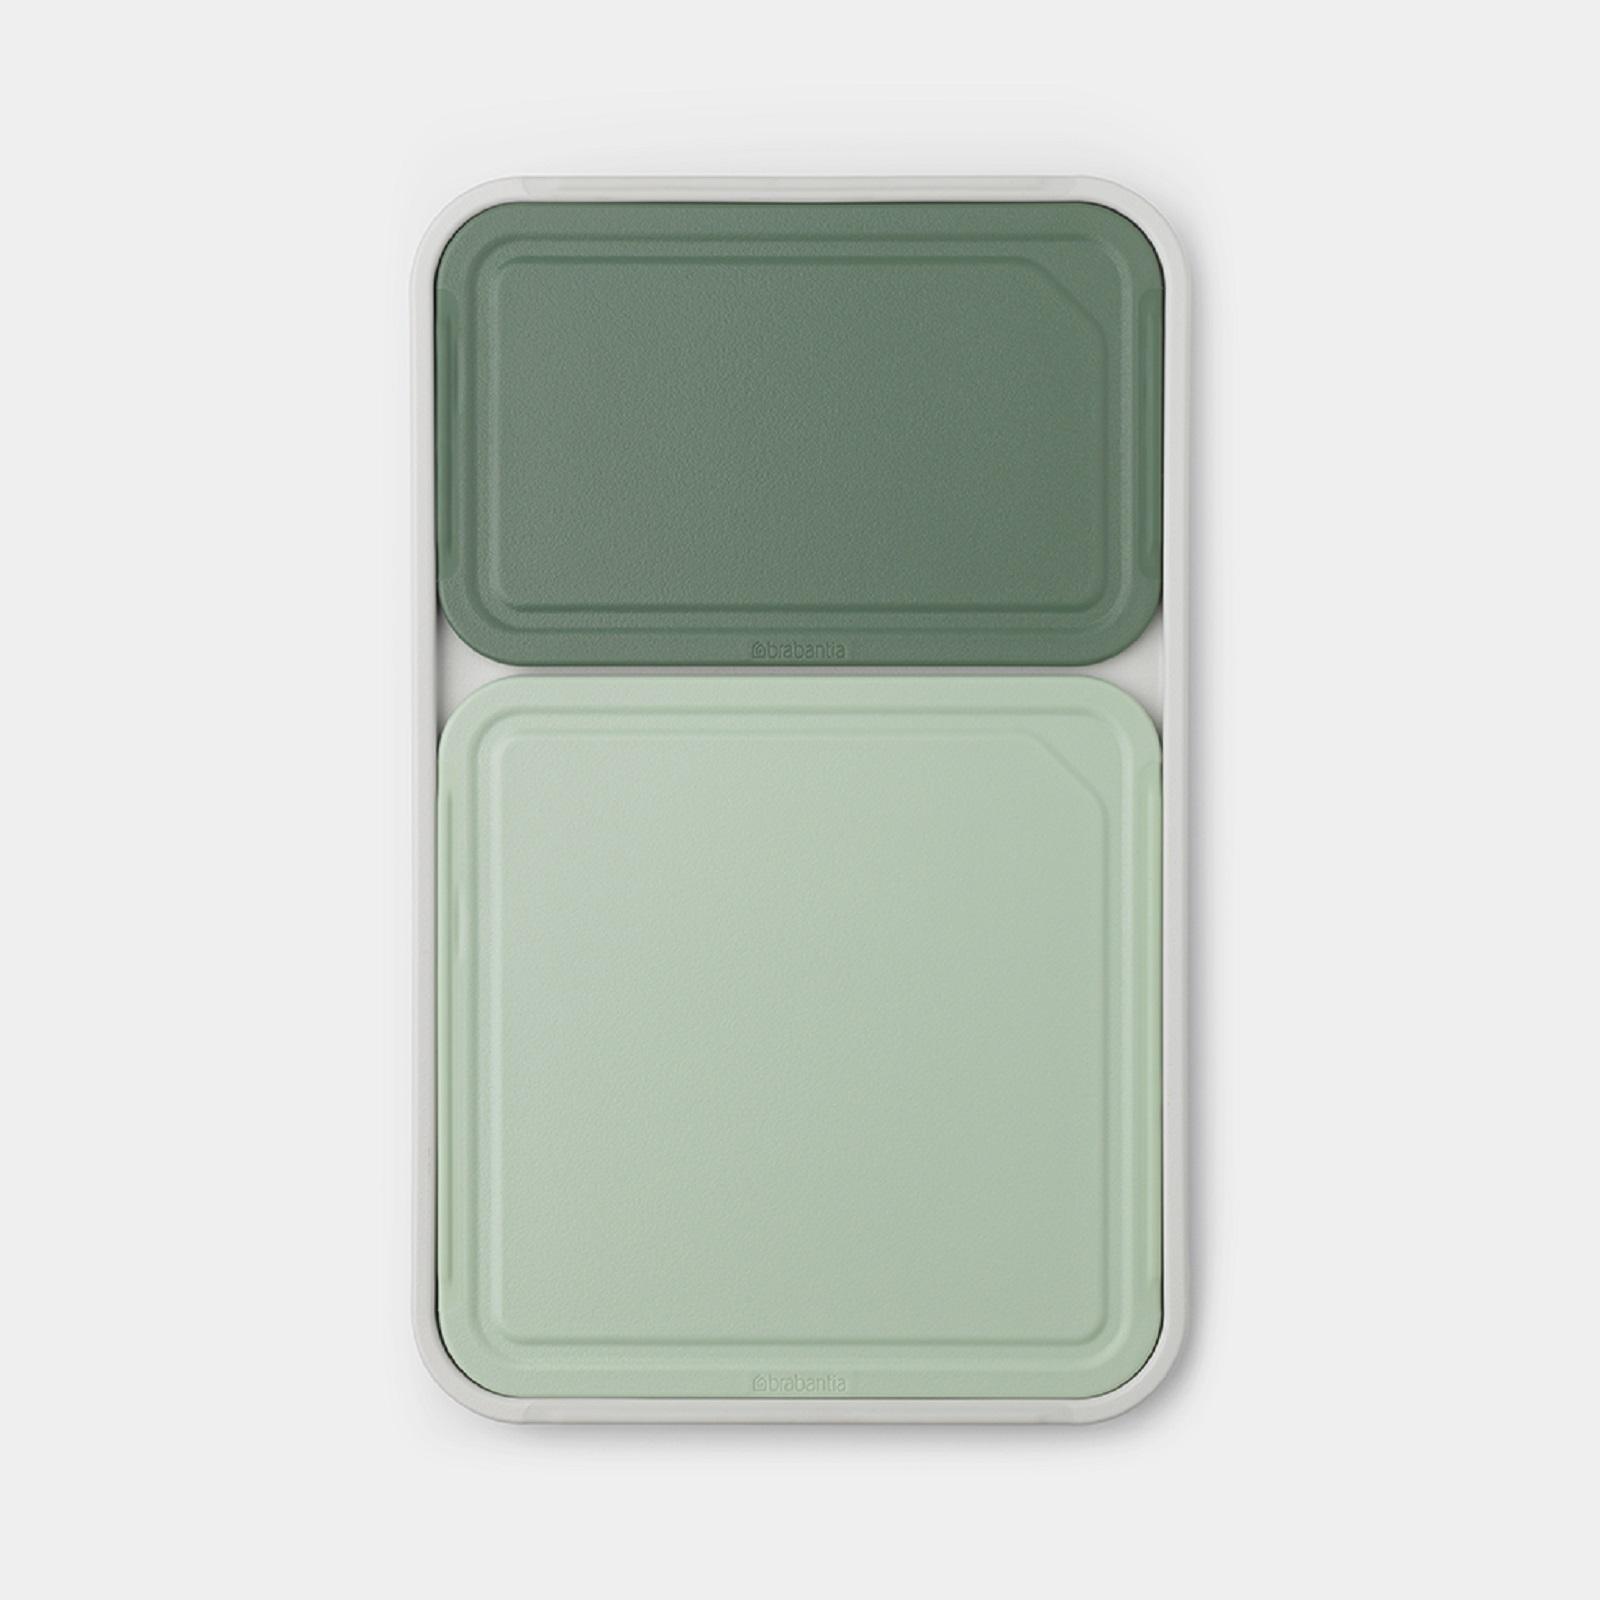 Набор досок разделочных Brabantia TASTY+, 3 штуки, разноцветный Brabantia 123160 фото 1